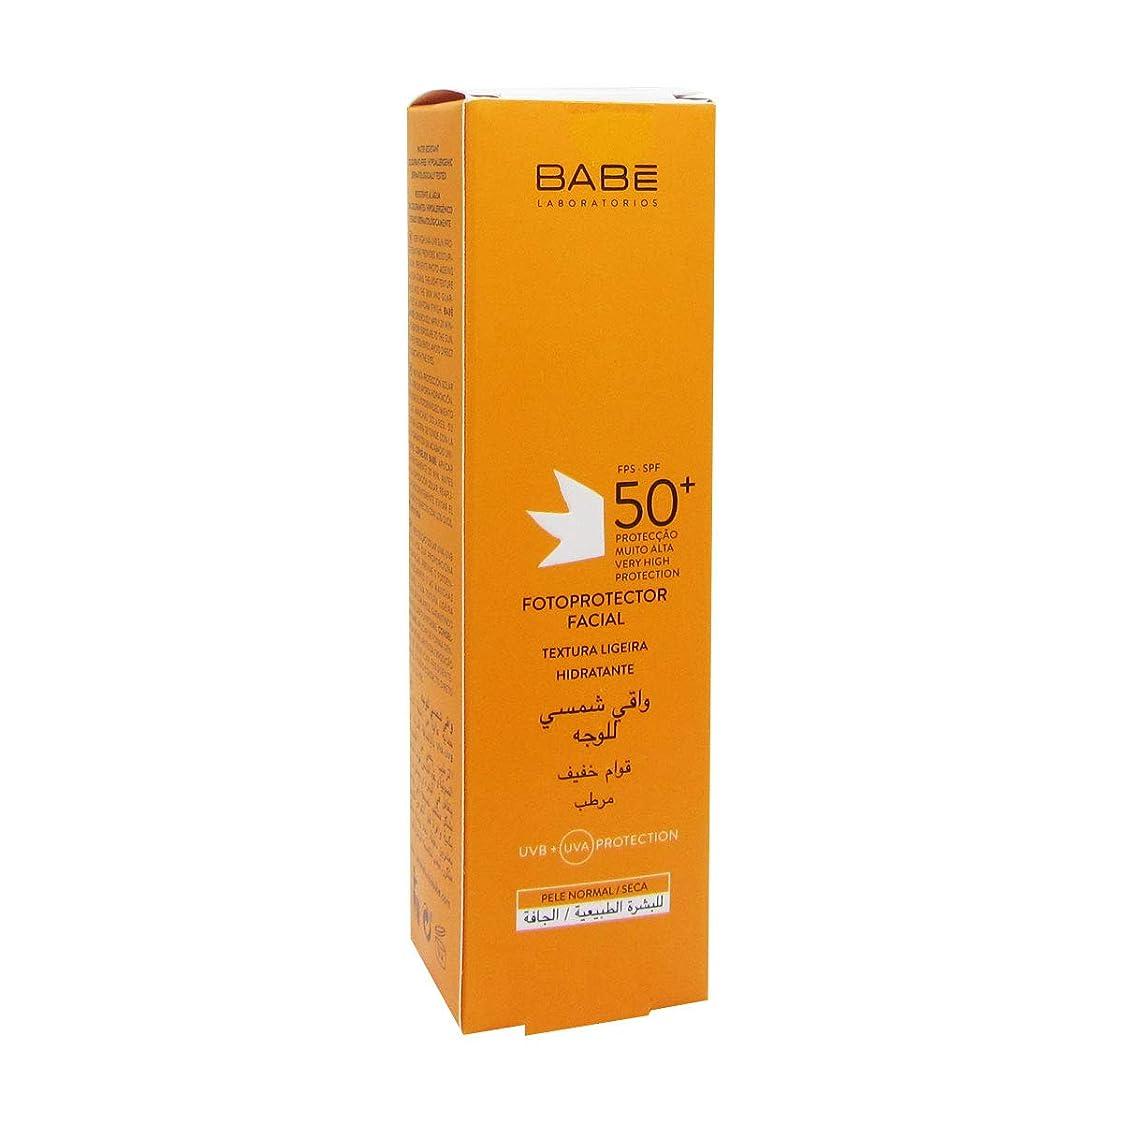 唇羊飼い合計Bab Sun Light Facial Photoprotector Fps50+ 50ml [並行輸入品]